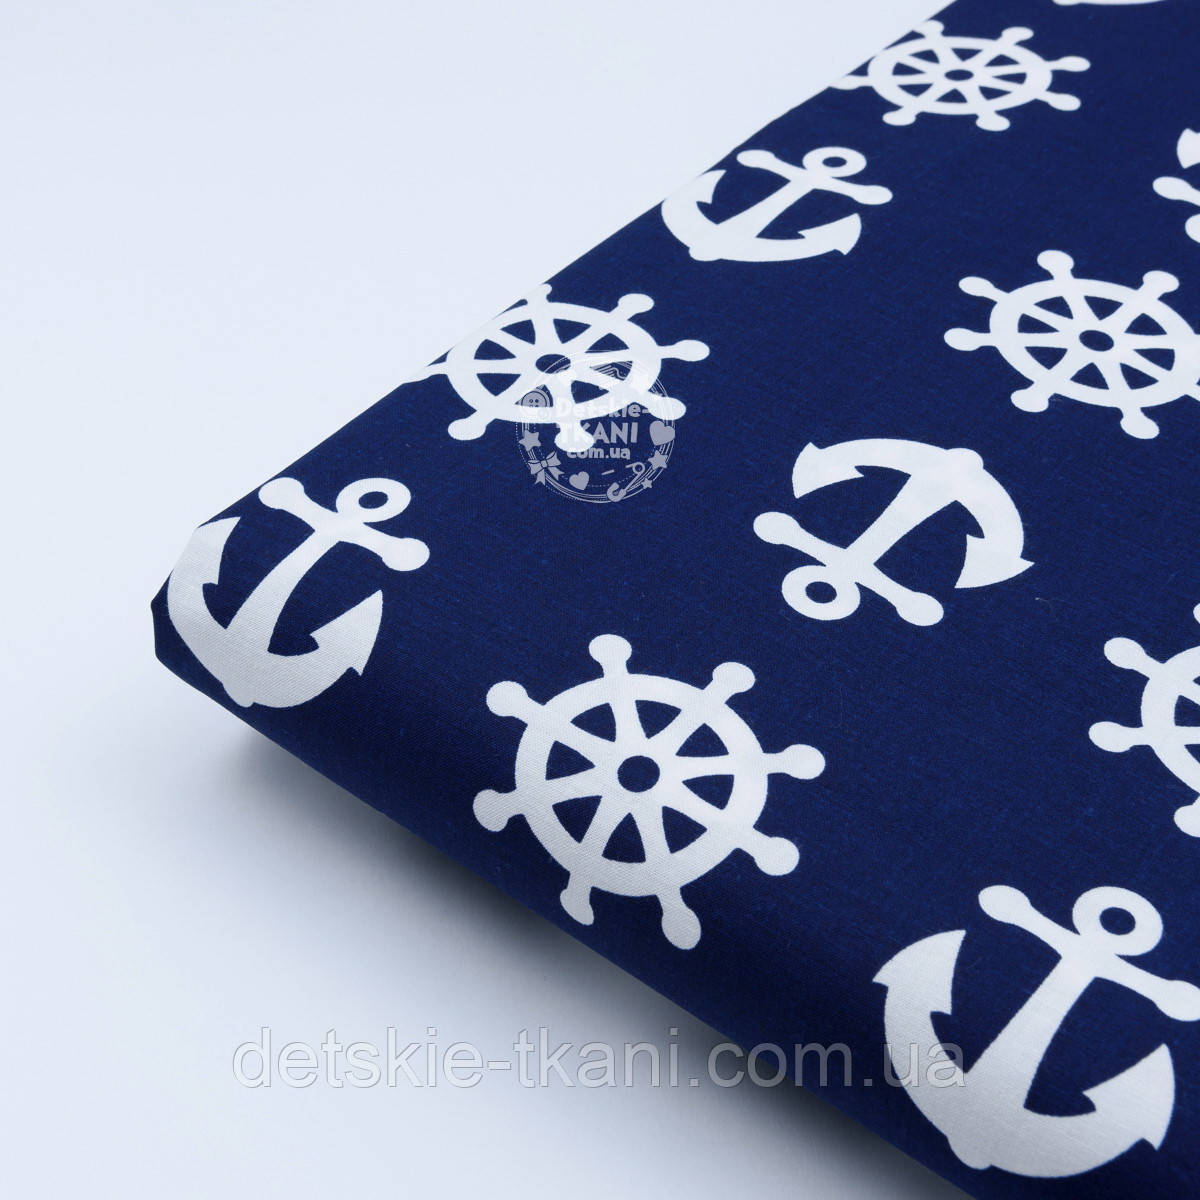 Лоскут хлопковой ткани с якорями и штурвалом на тёмно-синем фоне, размер 33*40 см